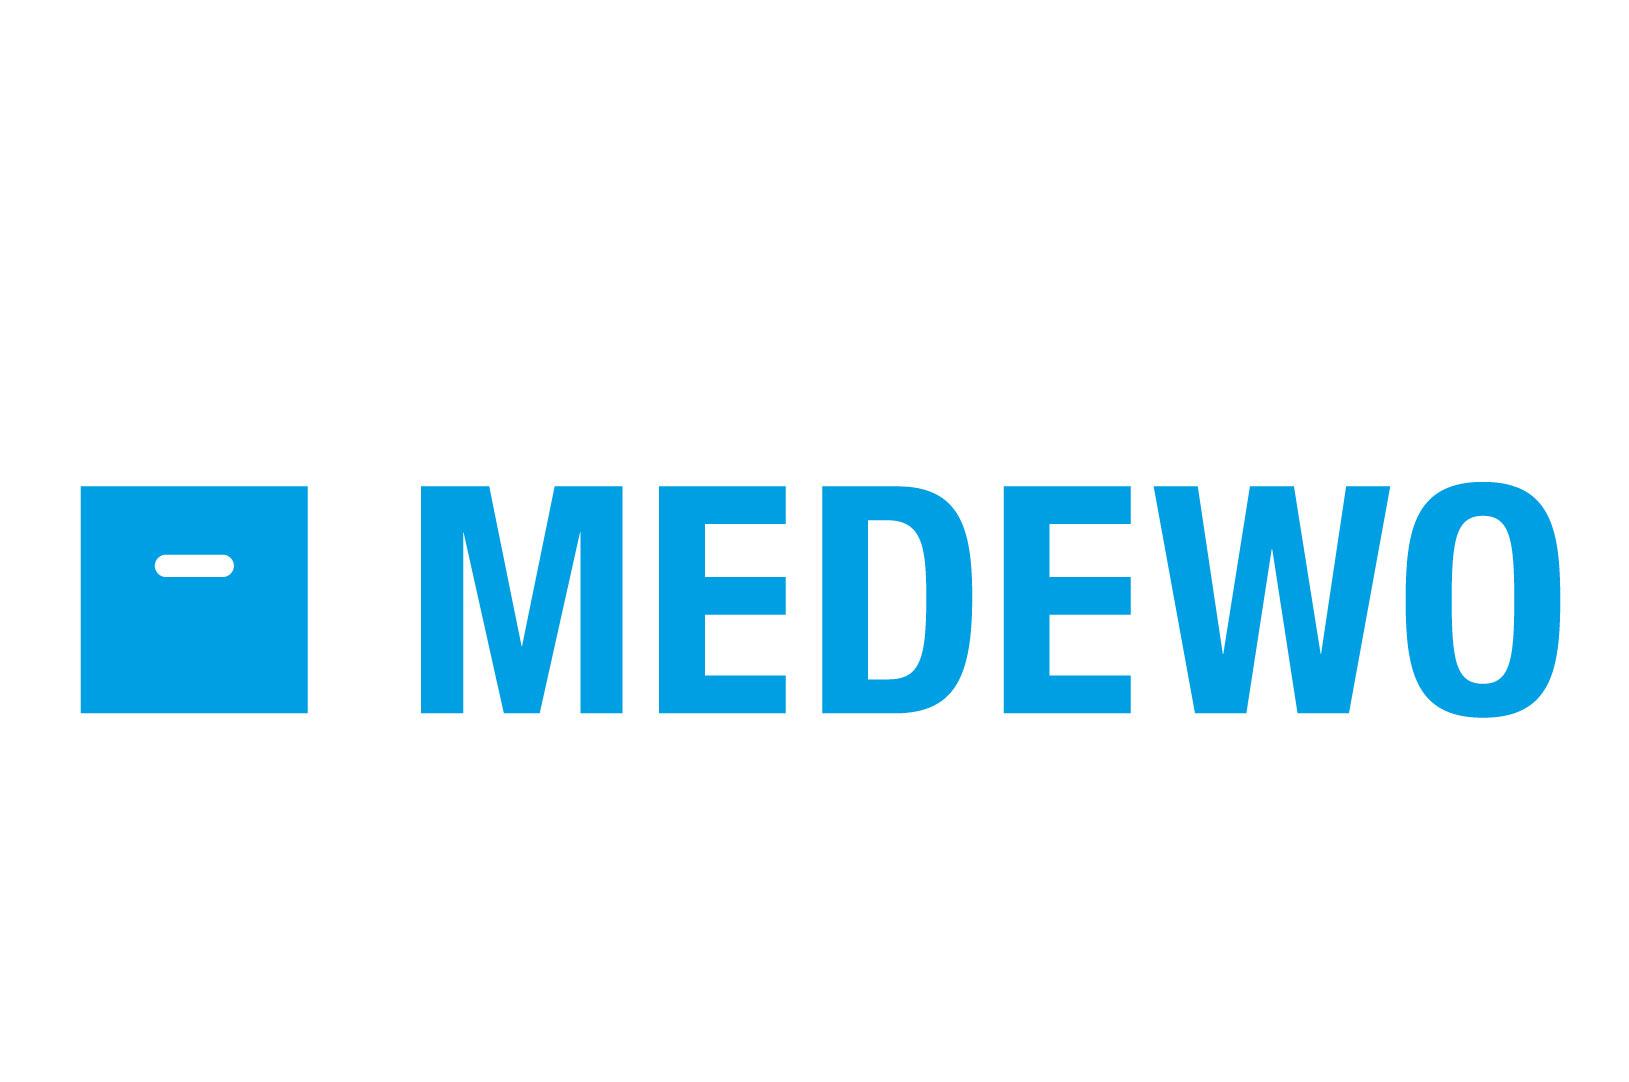 MEDEWO – Rohstoffe aus vorbildlich bewirtschafteten Wäldern